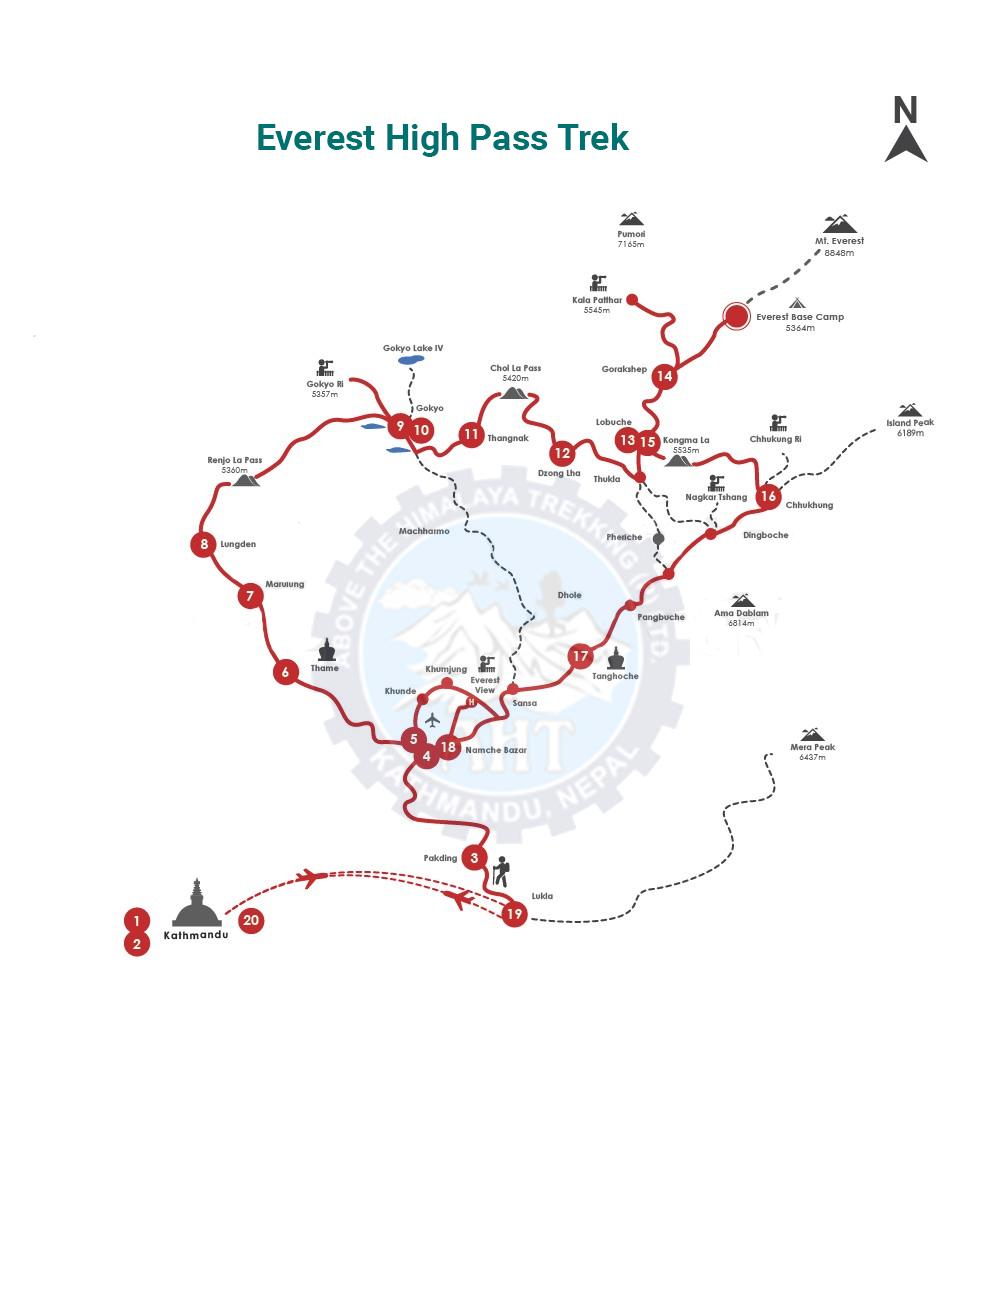 Everest high pass trek map